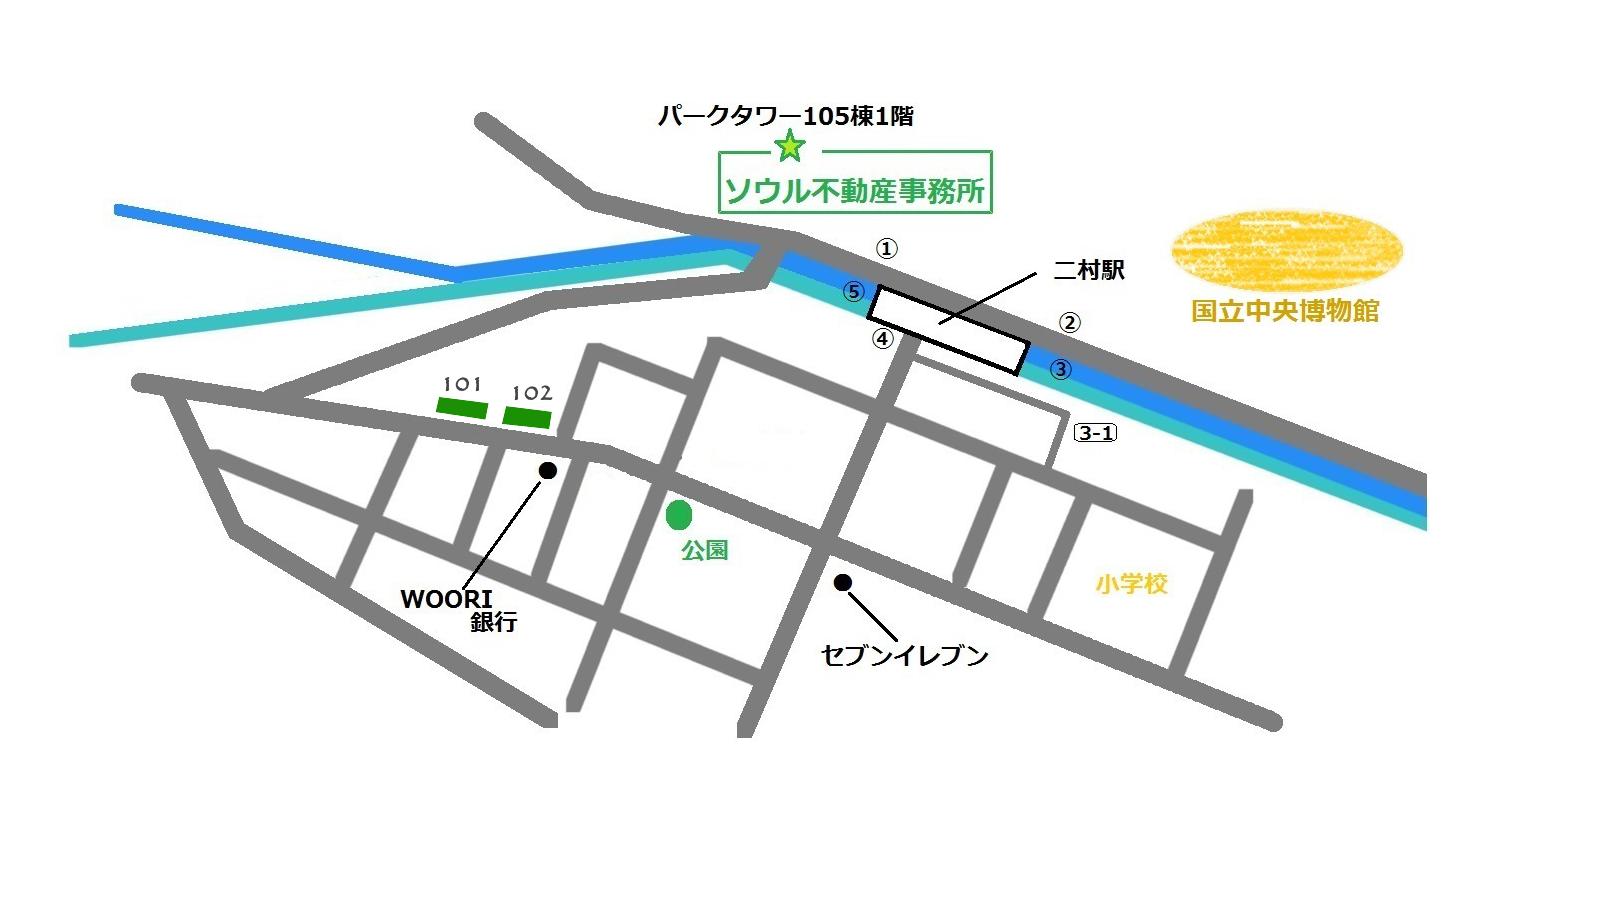 二村ウソンアパート 地図